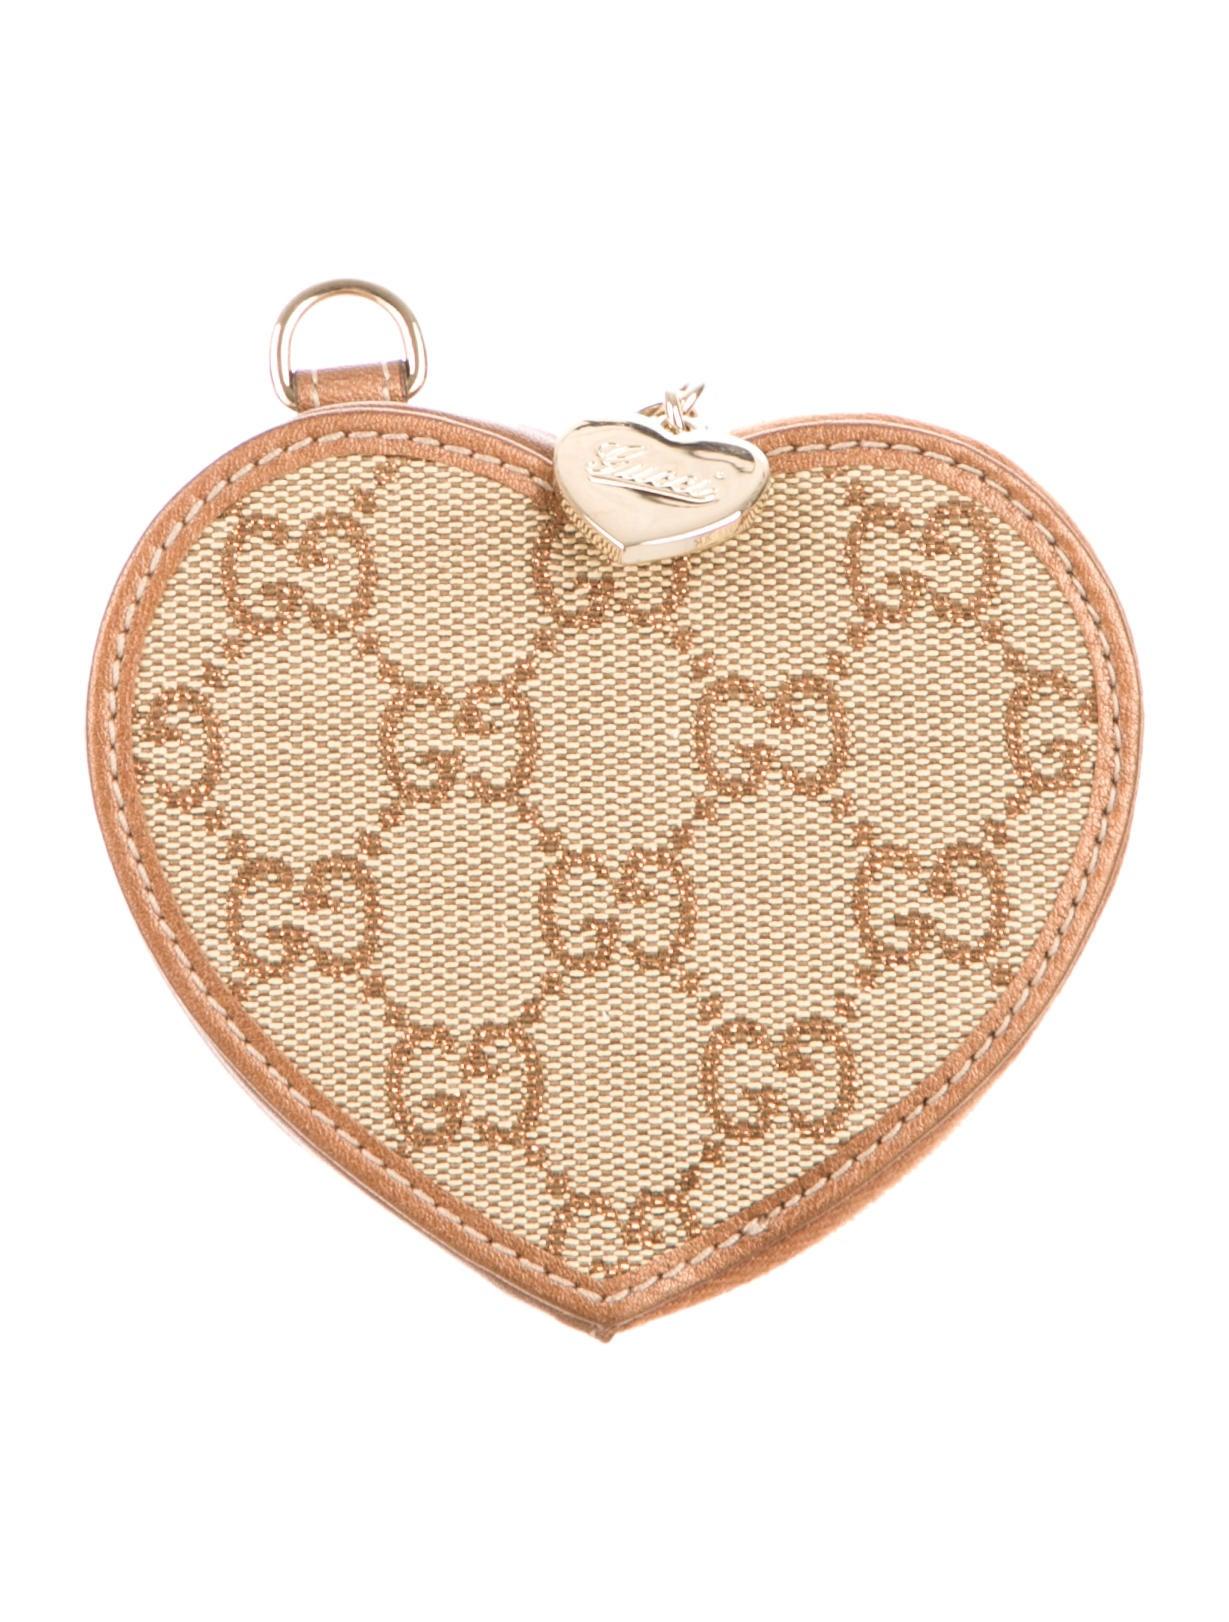 fec6030347eb Gucci Gg Canvas Heart Coin Purse Accessories Guc97708 The Realreal